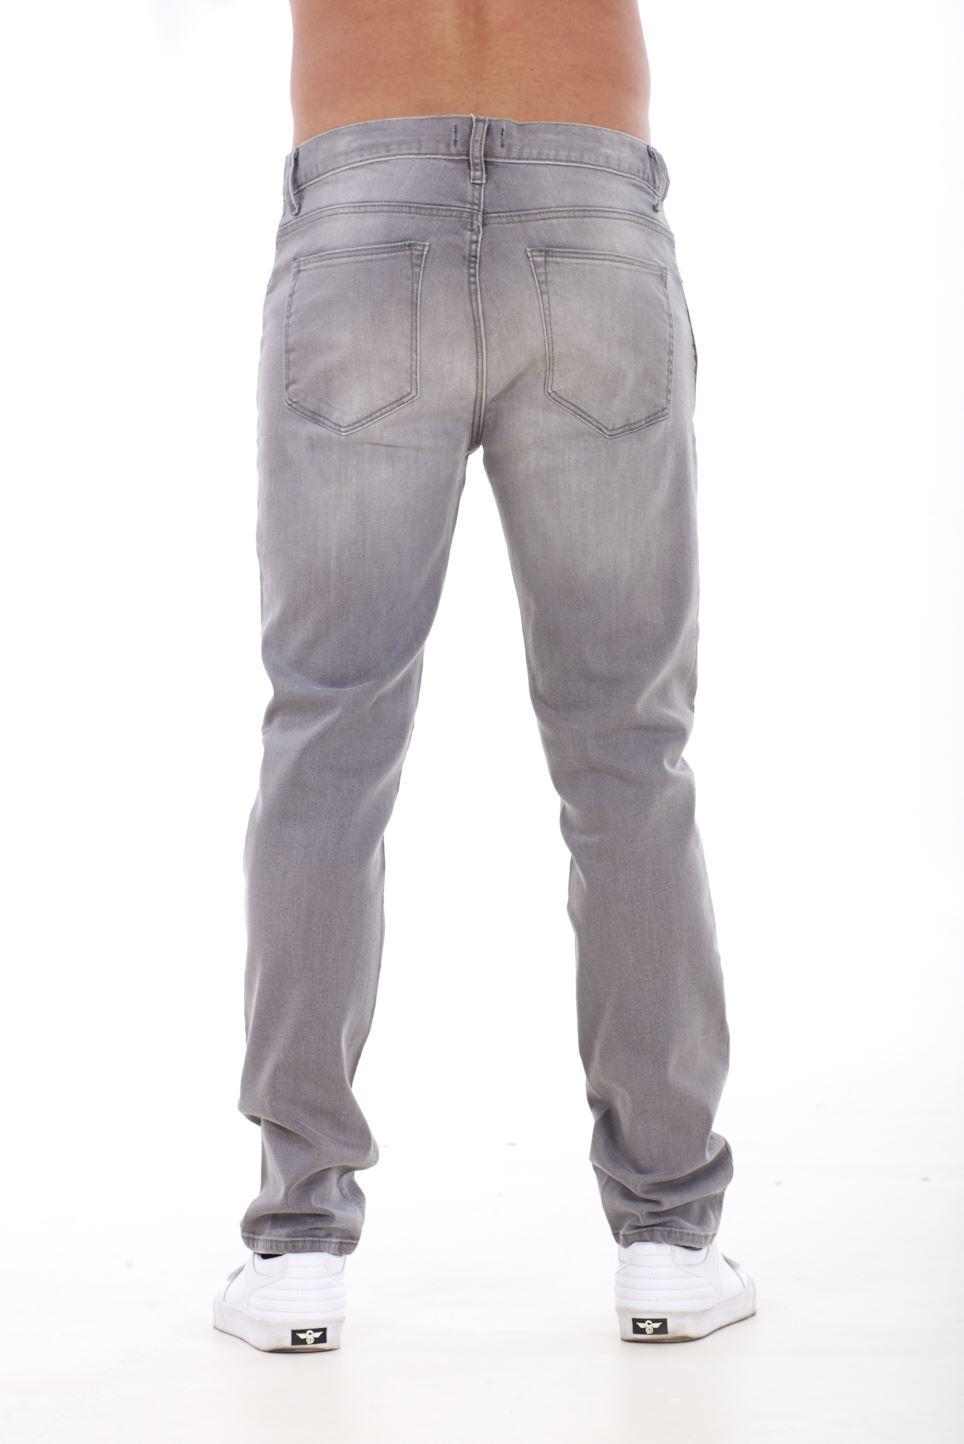 NUOVA-Linea-Uomo-Ragazzi-Slim-Fit-Stretch-Qualita-Jeans-Regolare-Pantaloni-con-marchio-SMART-30-40 miniatura 10